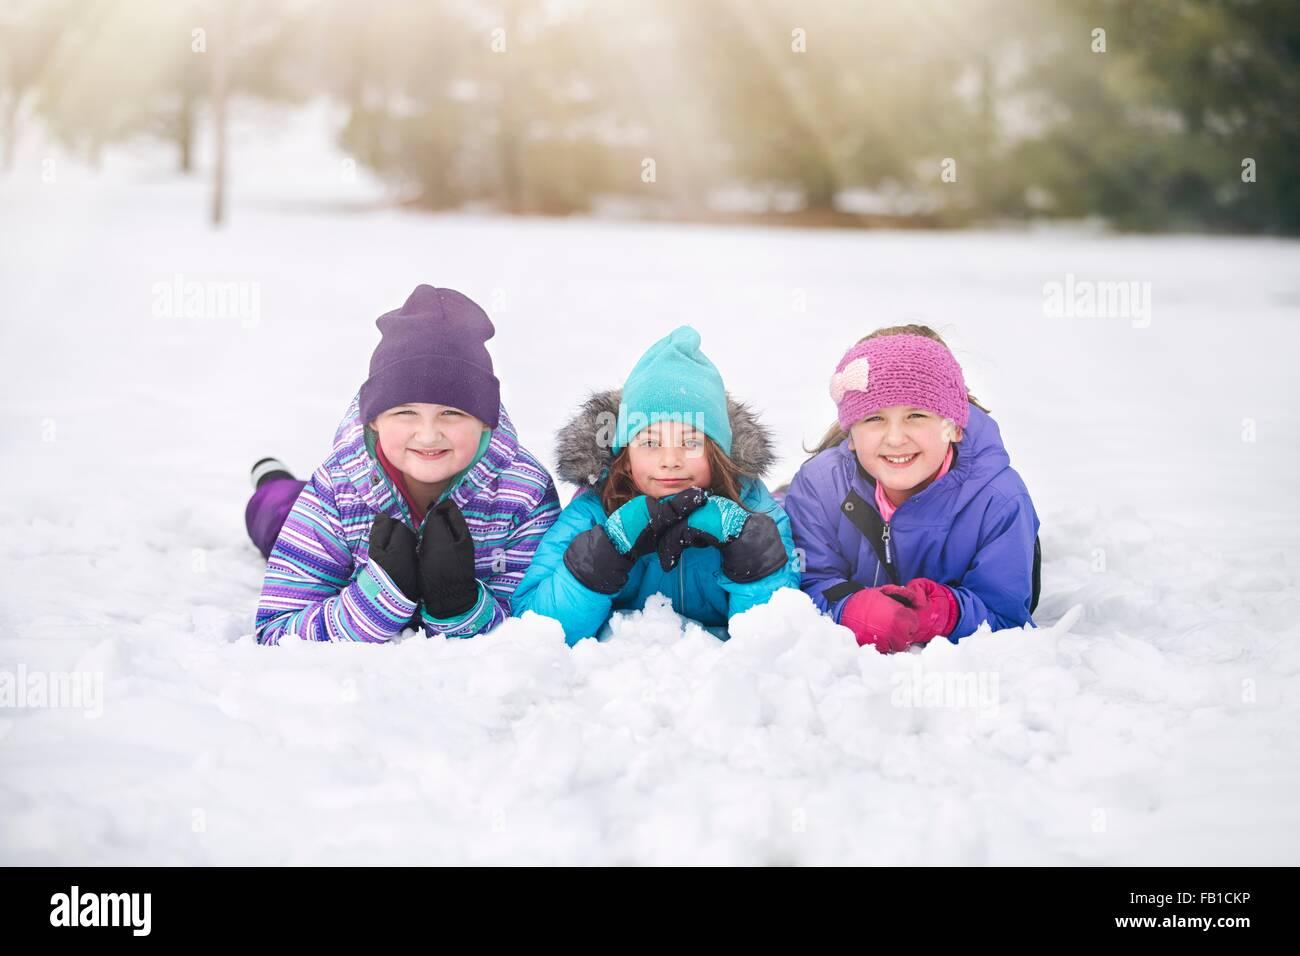 Amigos vistiendo tejer sombreros tumbado en la parte delantera de lado a lado en la nieve mirando a la cámara Imagen De Stock